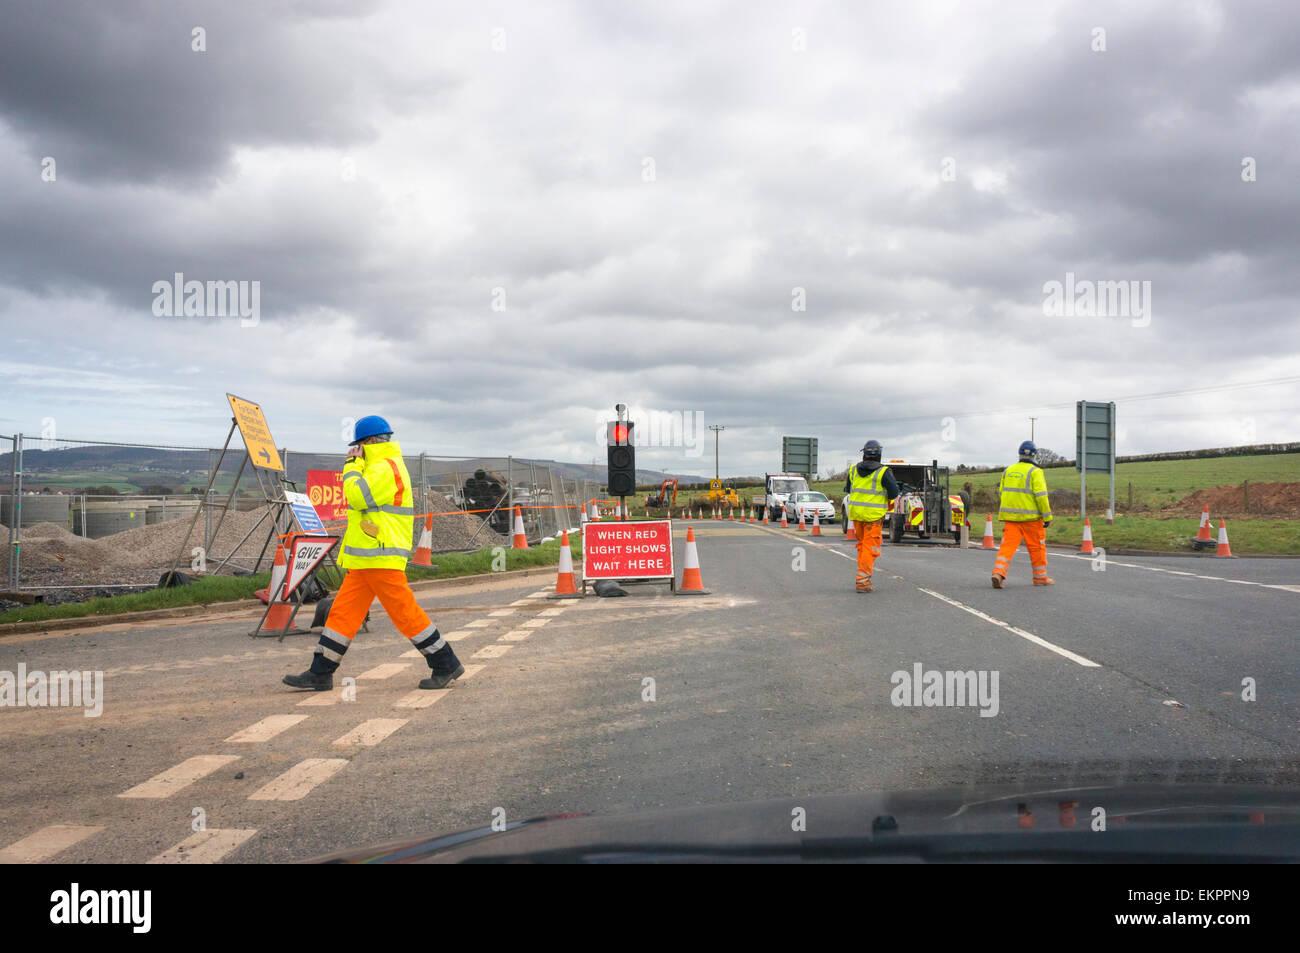 Lavori stradali e costruzione di strada dei lavoratori in un paese rurale road, England, Regno Unito Immagini Stock